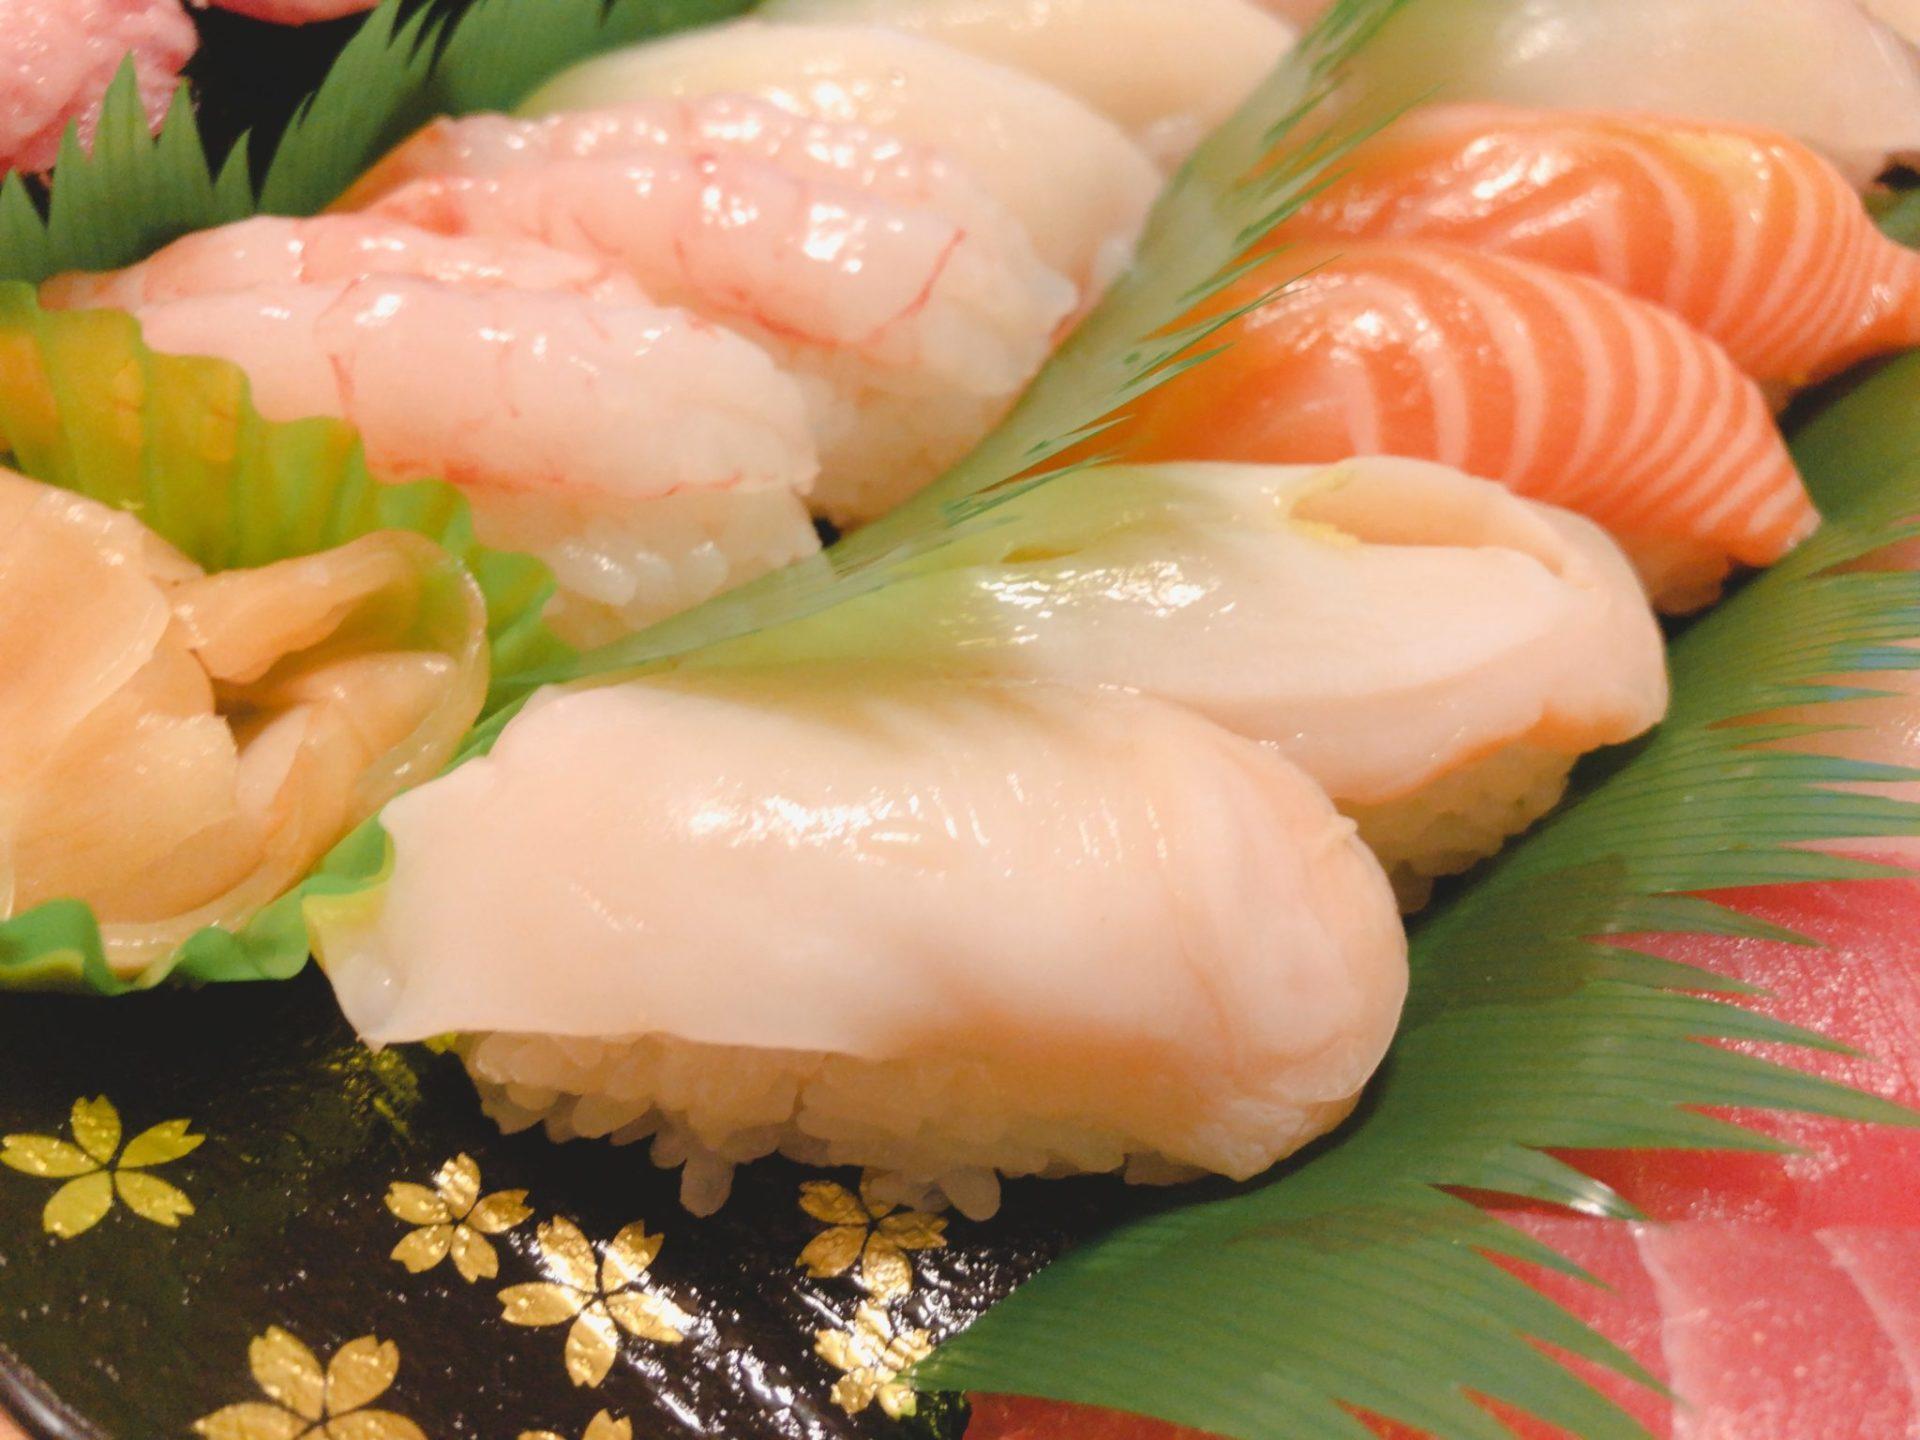 銚子丸のUber Eats(ウーバーイーツ)のミル貝ほか